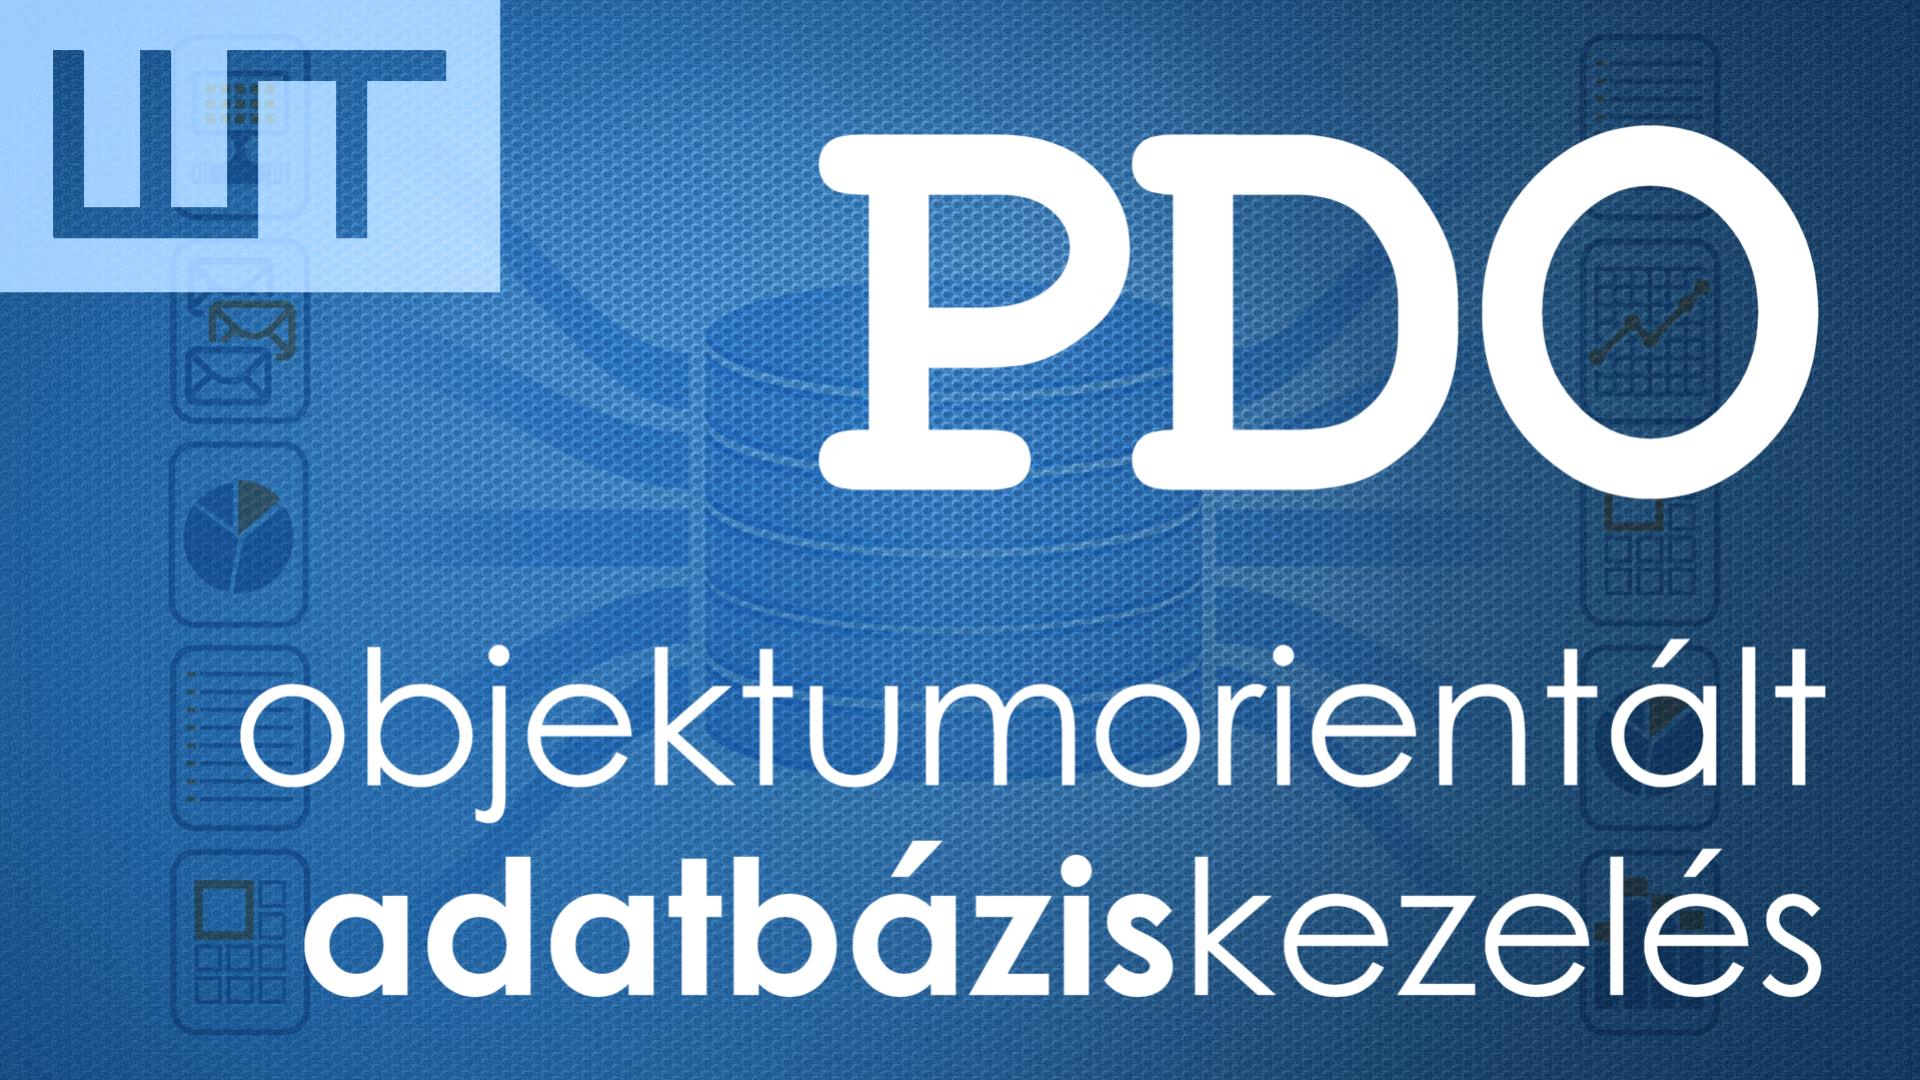 PDO - objektumorientált adatbáziskezelés